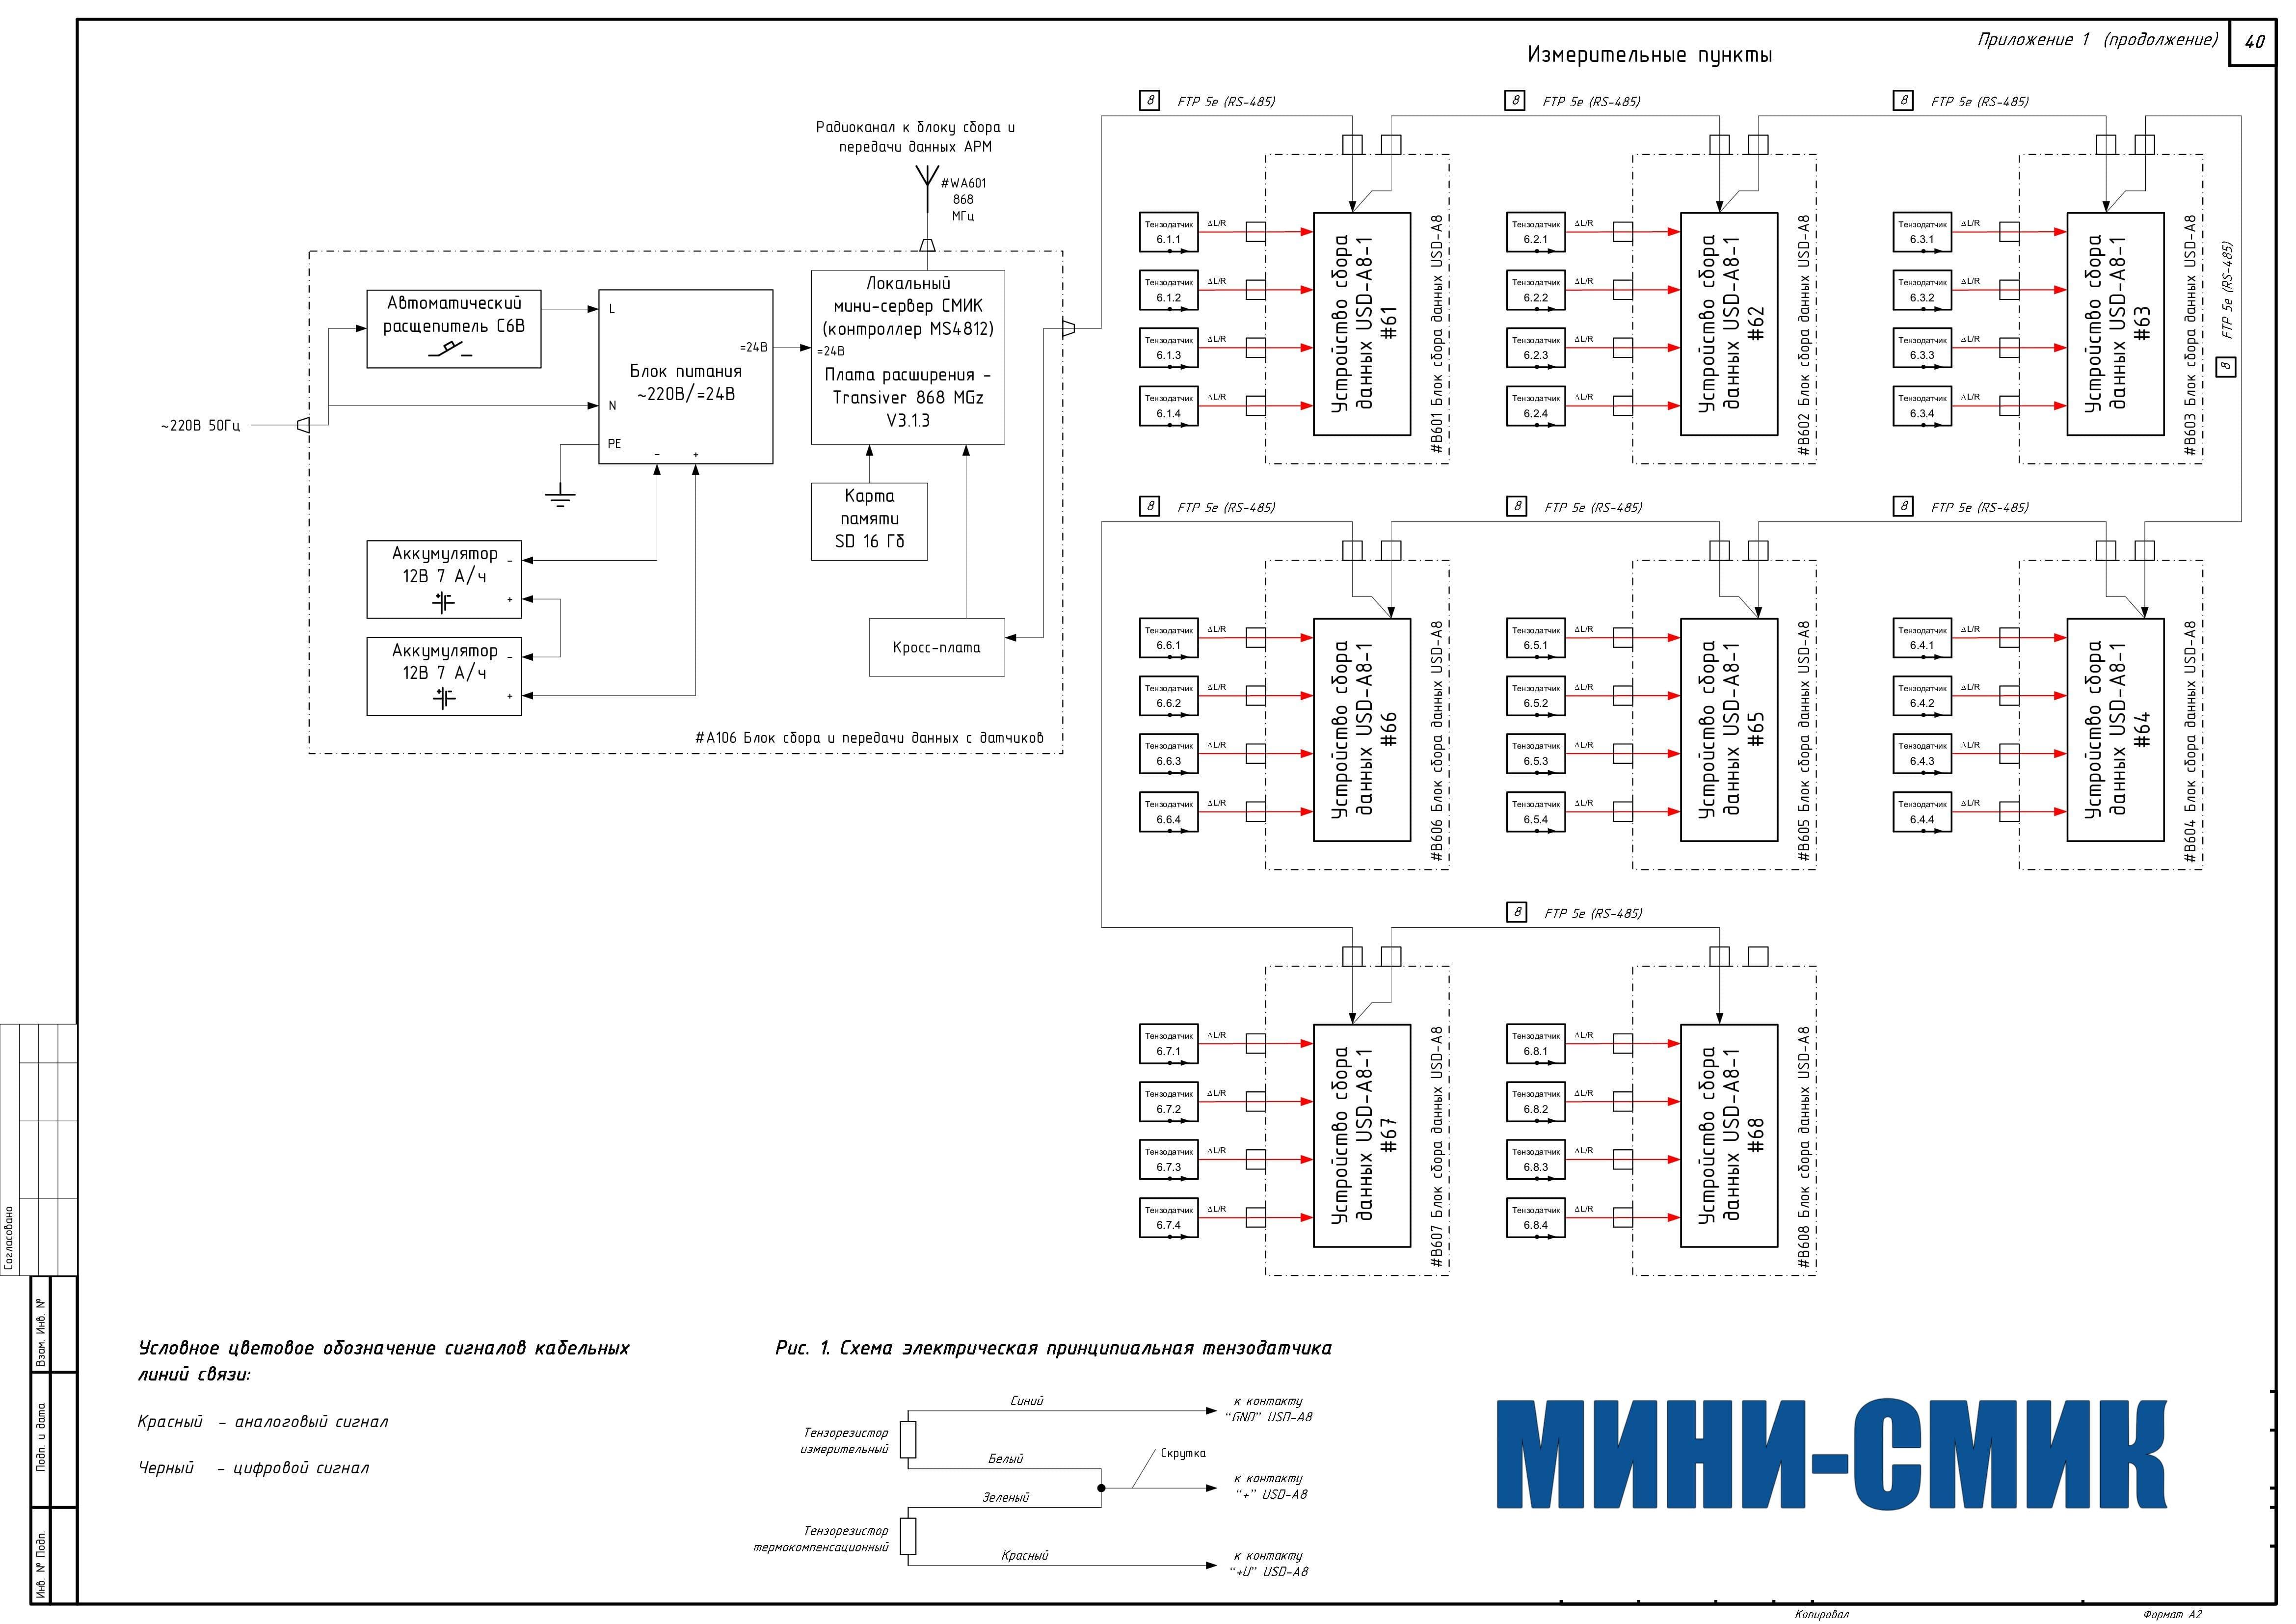 Пример структурной схемы тензометрической измерительной подсистемы МИНИ-СМИК